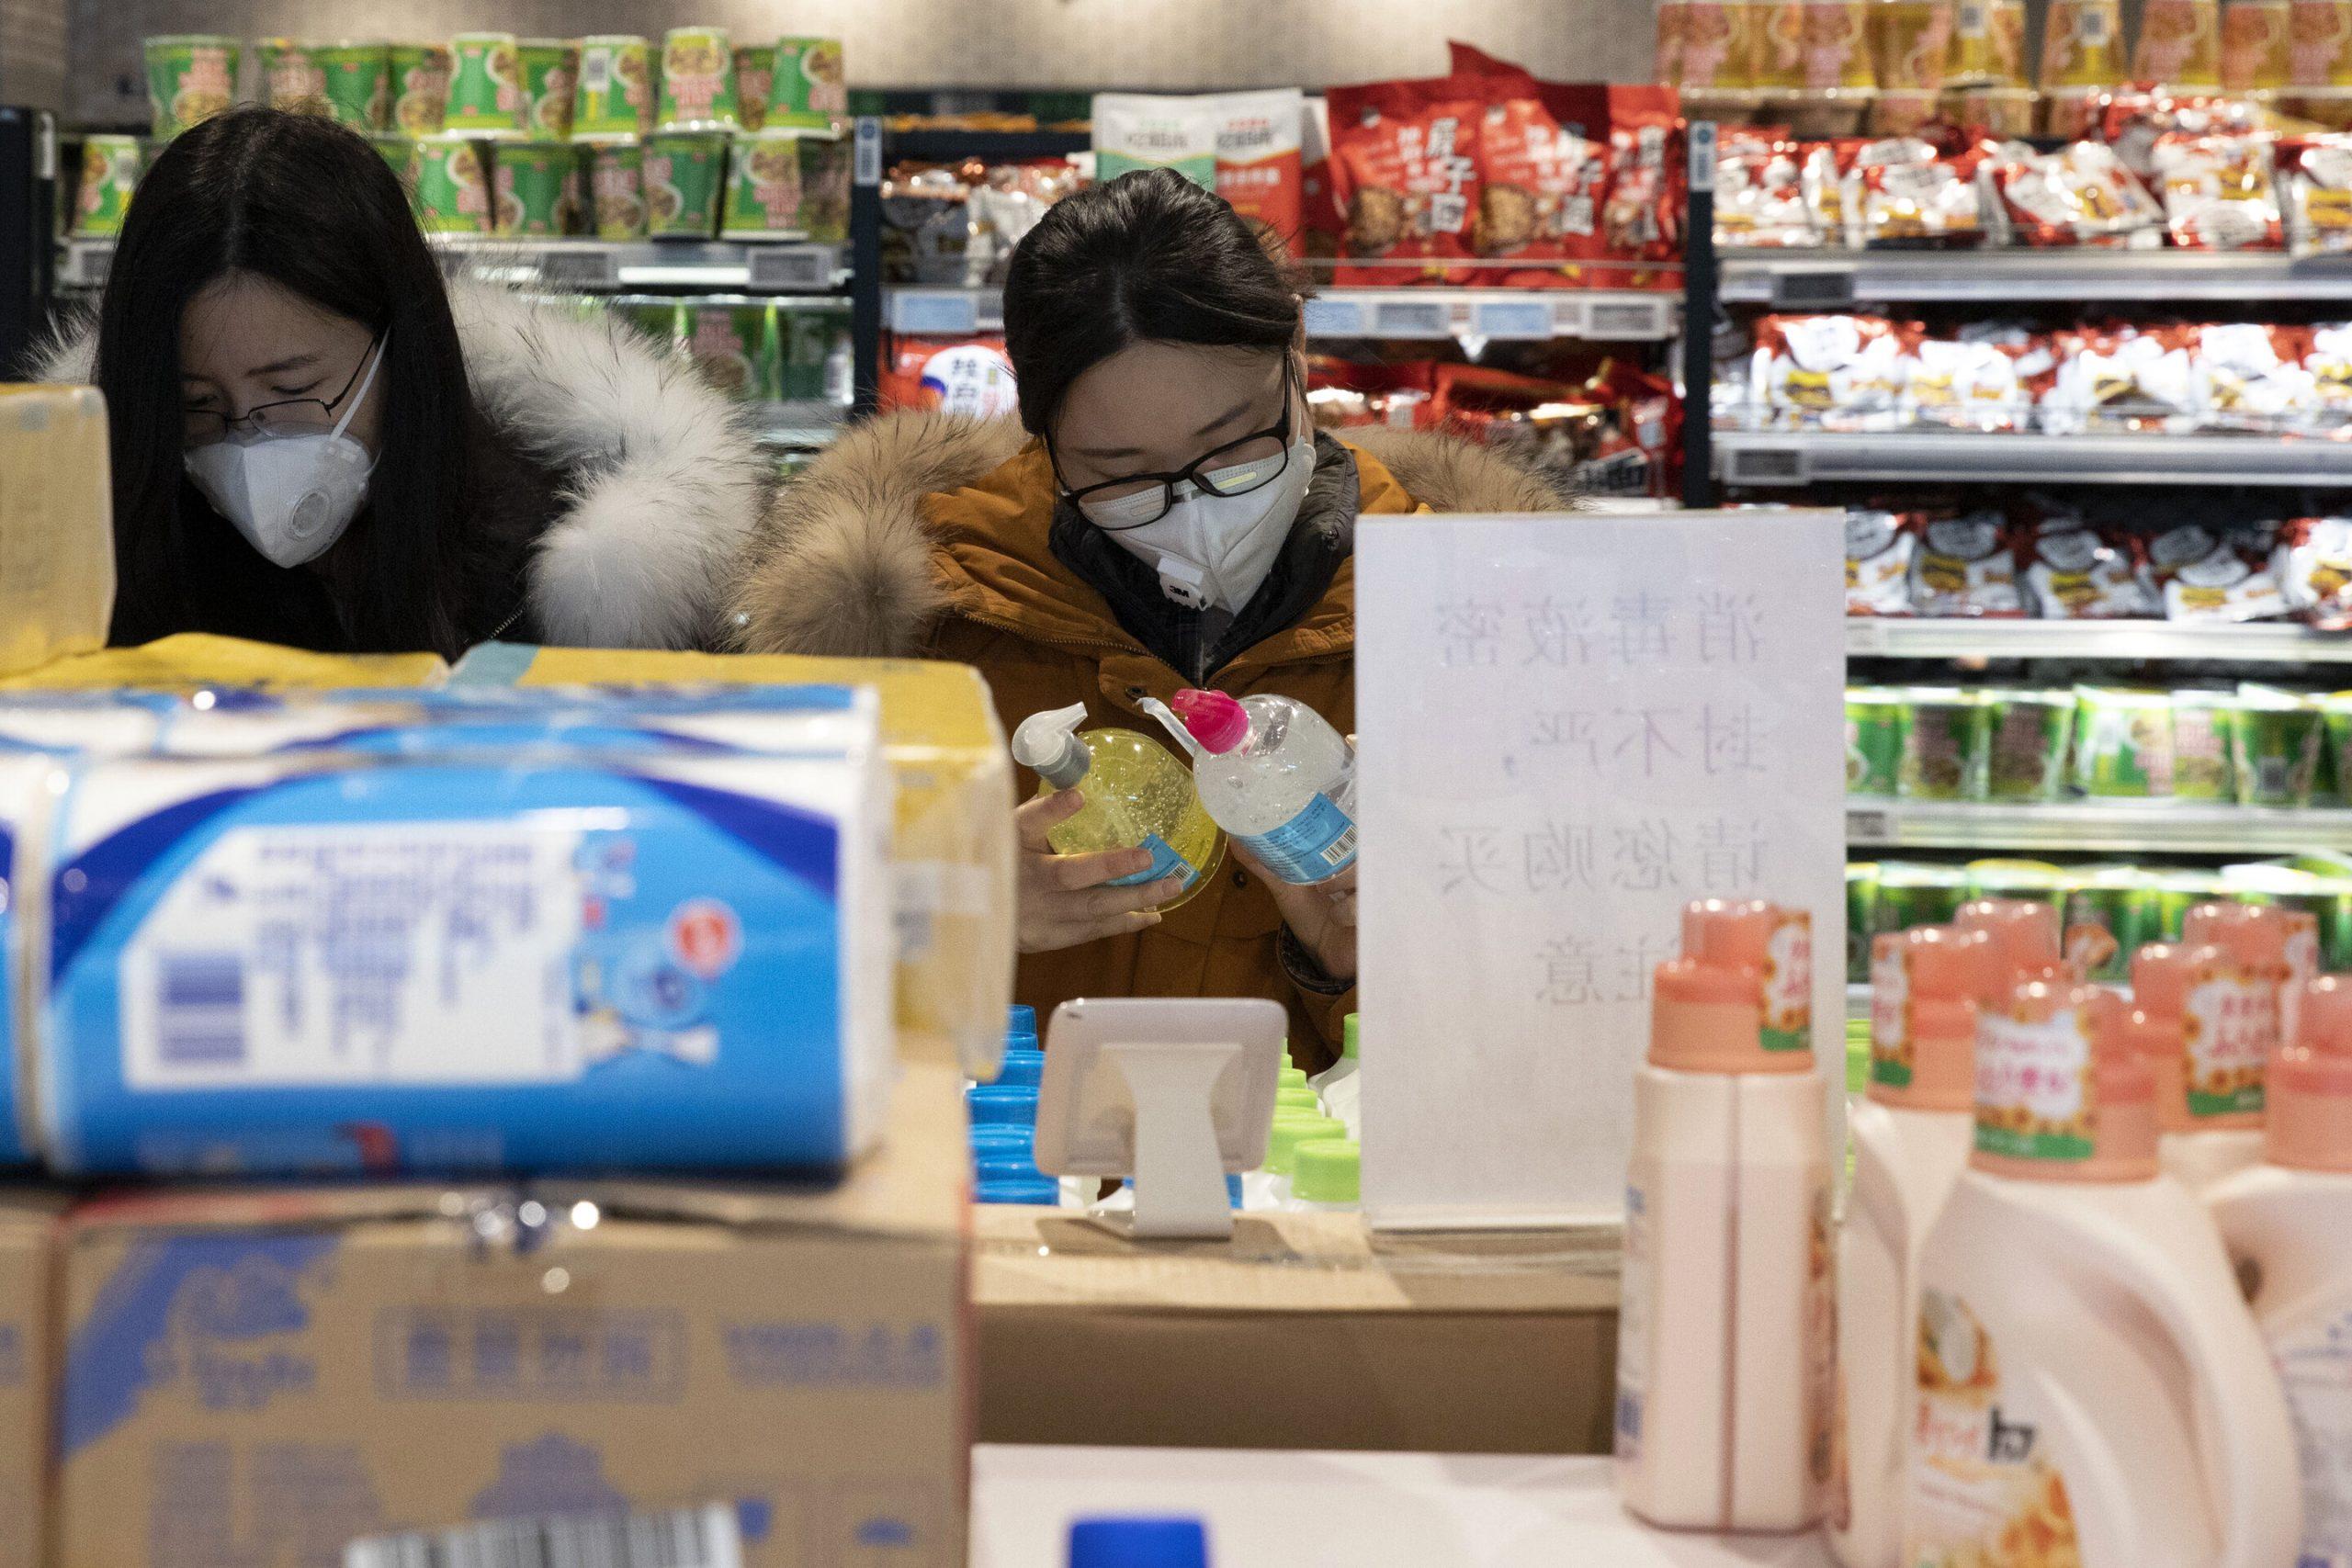 Chinas virus center Gelübde kein patient ungeprüft als fallen